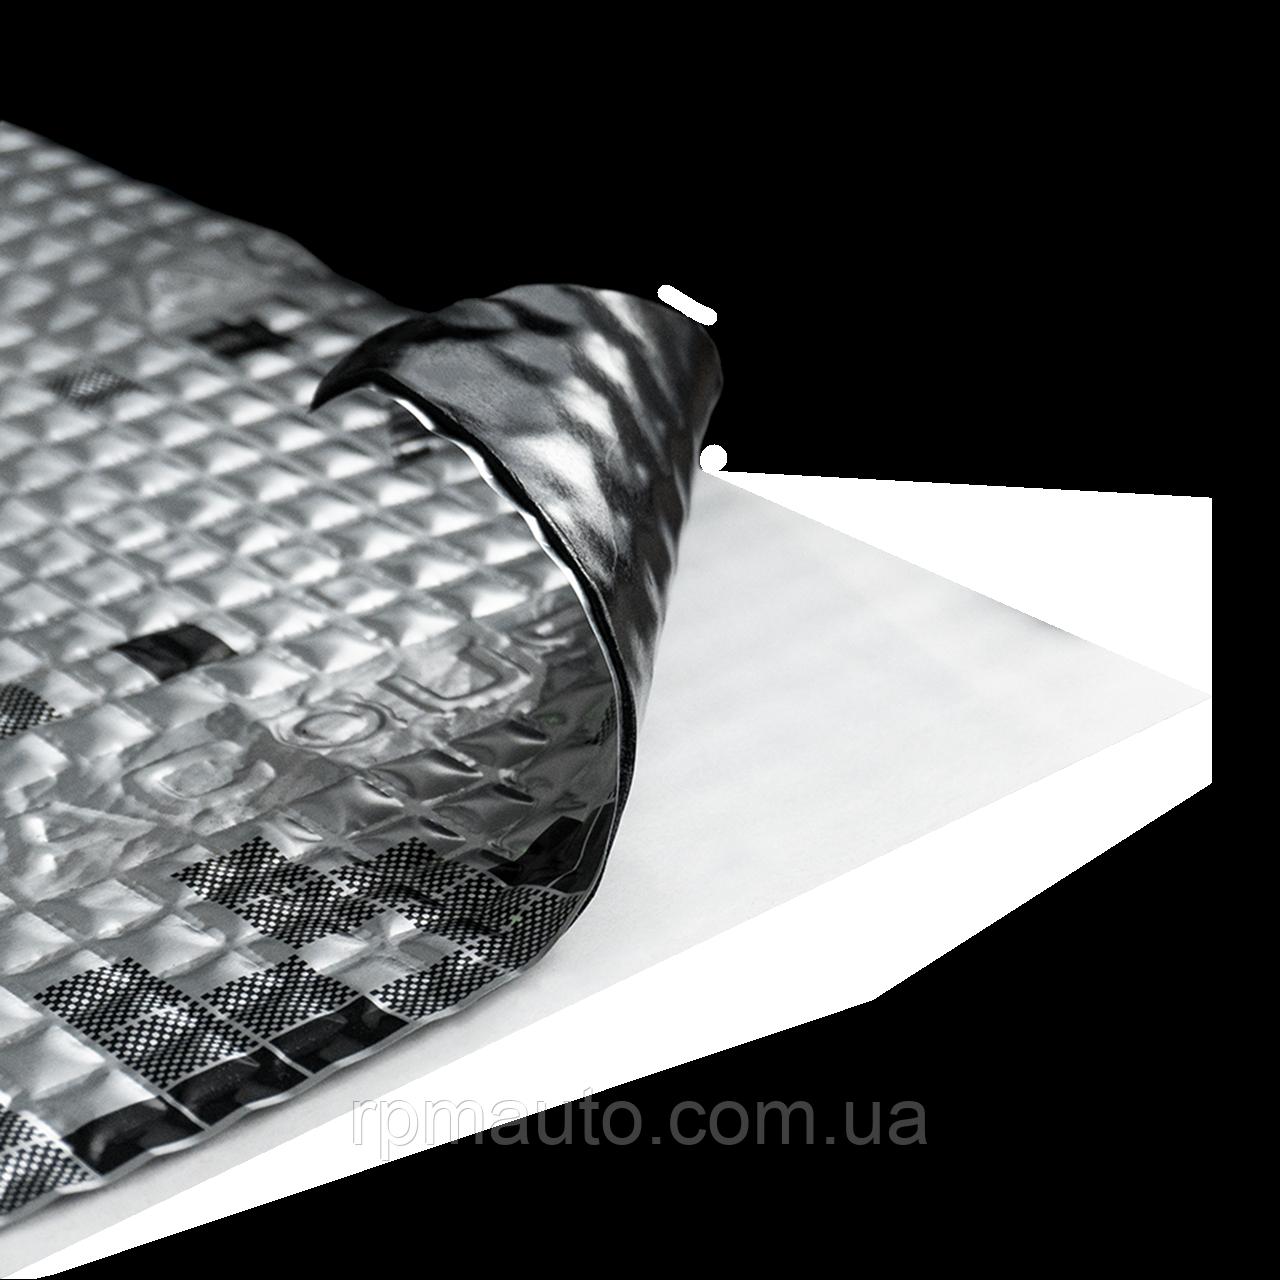 Шумоізоляція Авто Acoustics Alumat 2,2 50х70 см Обесшумка Віброізоляція Шумка Шумоізоляція Виброшумоизоляция